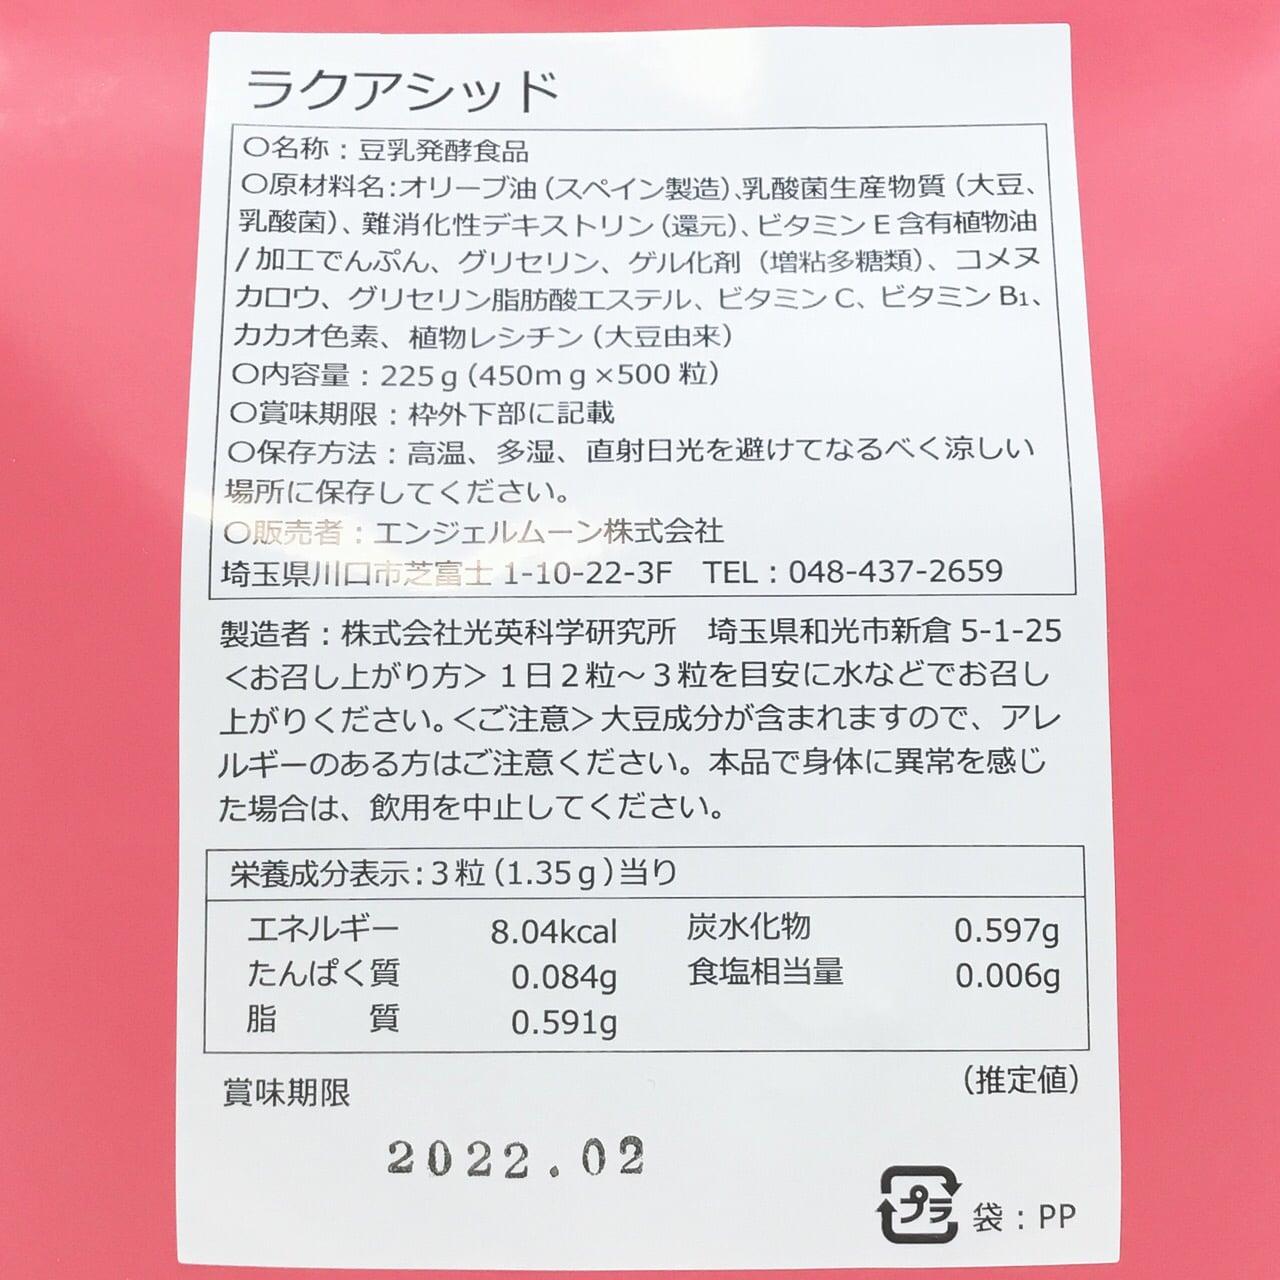 乳酸菌 【国産乳酸菌】×【複合型乳酸菌物質】Lacacid connect ★通常タイプ★のイメージその3